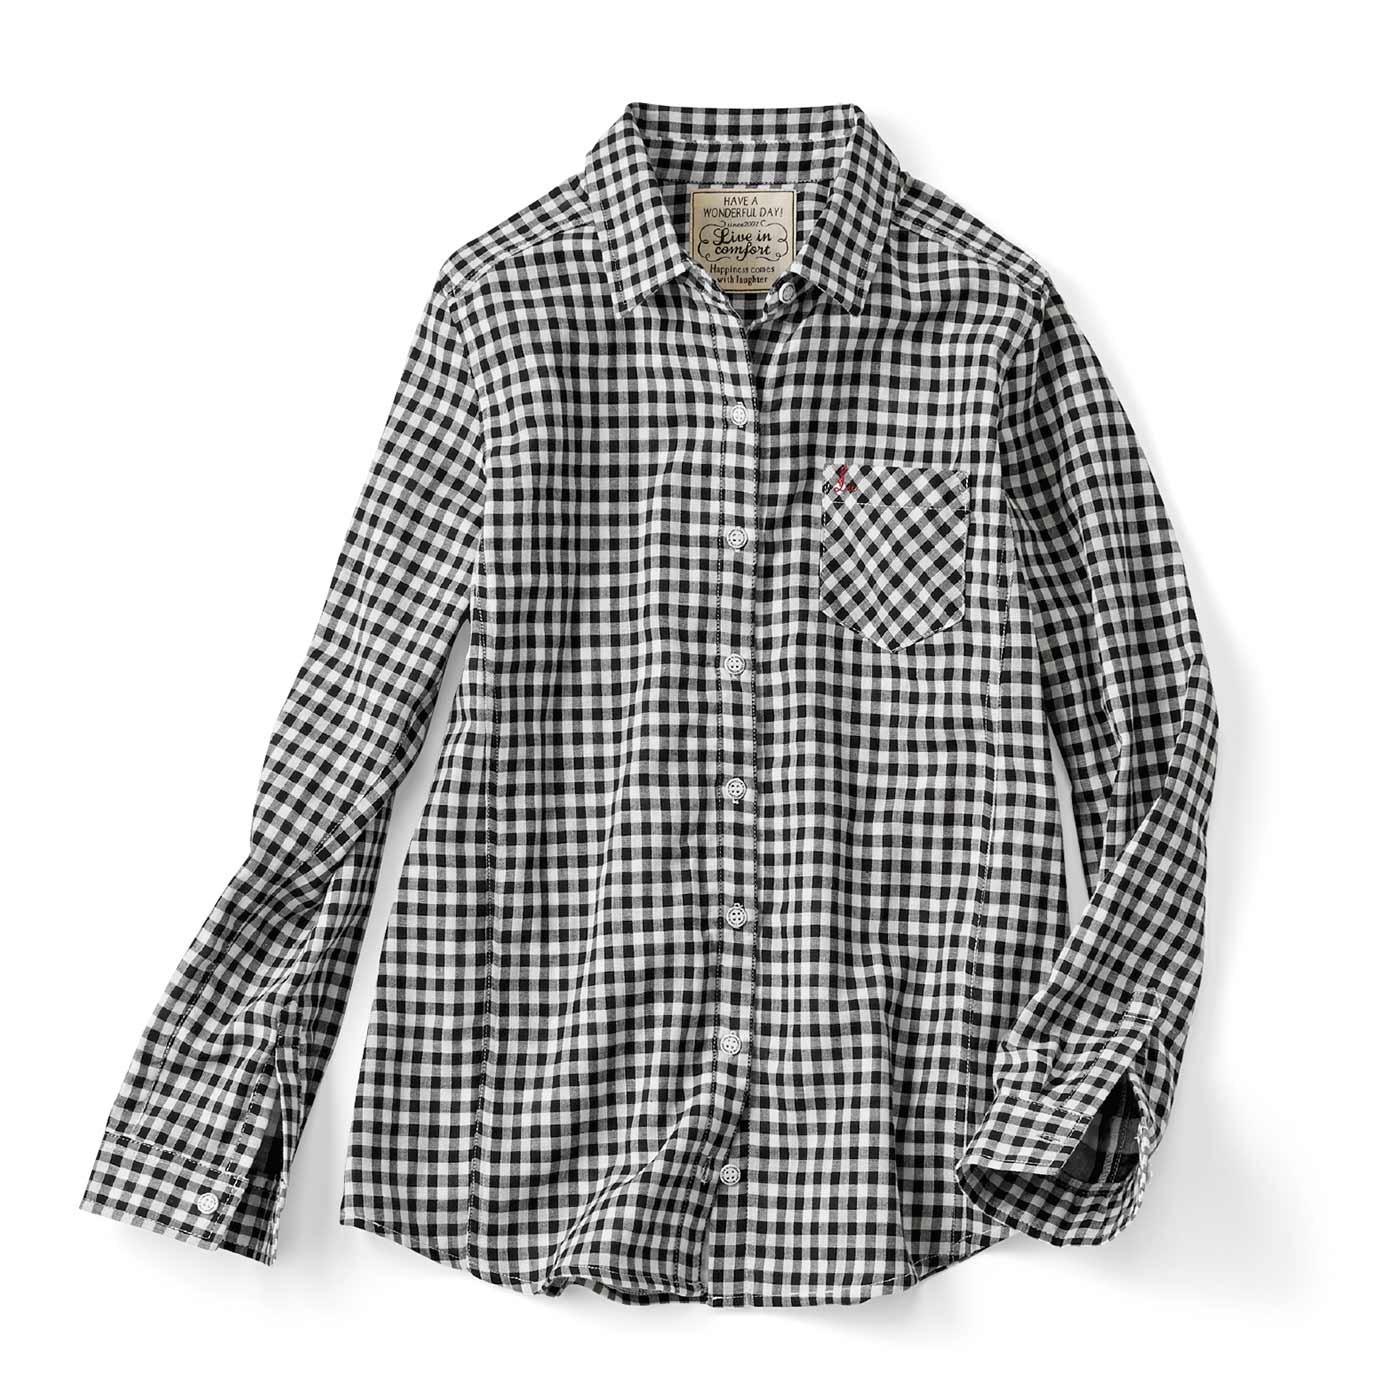 リブ イン コンフォート 重ね着してももたつかない! ストレッチガーゼ×カットソーの伸びシャツ〈白黒ギンガム〉